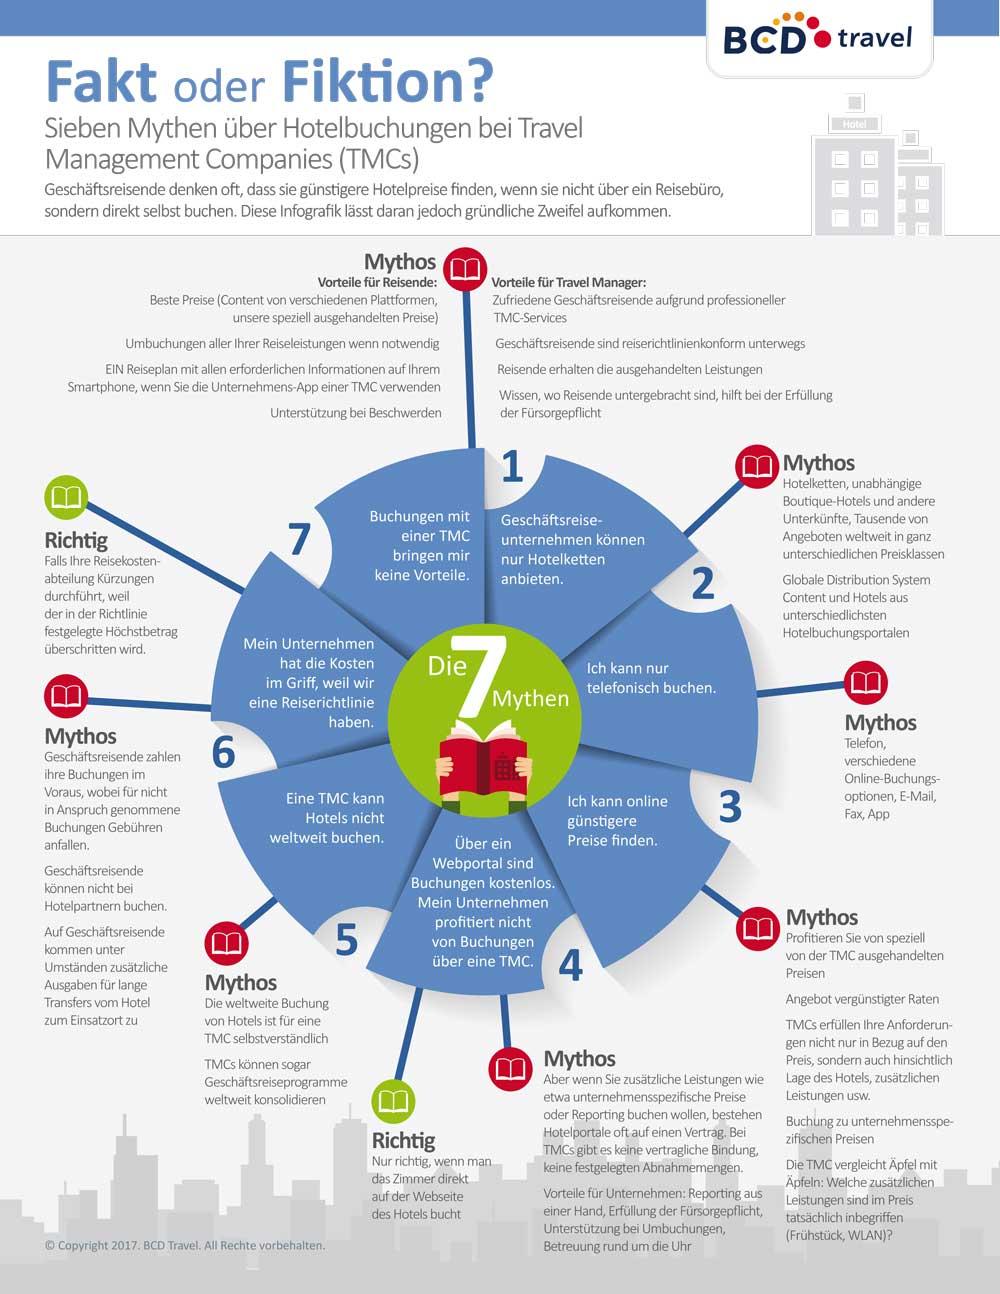 Die sieben Mythen über Hotelbuchungen bei Travel Management Companies (TMCs)